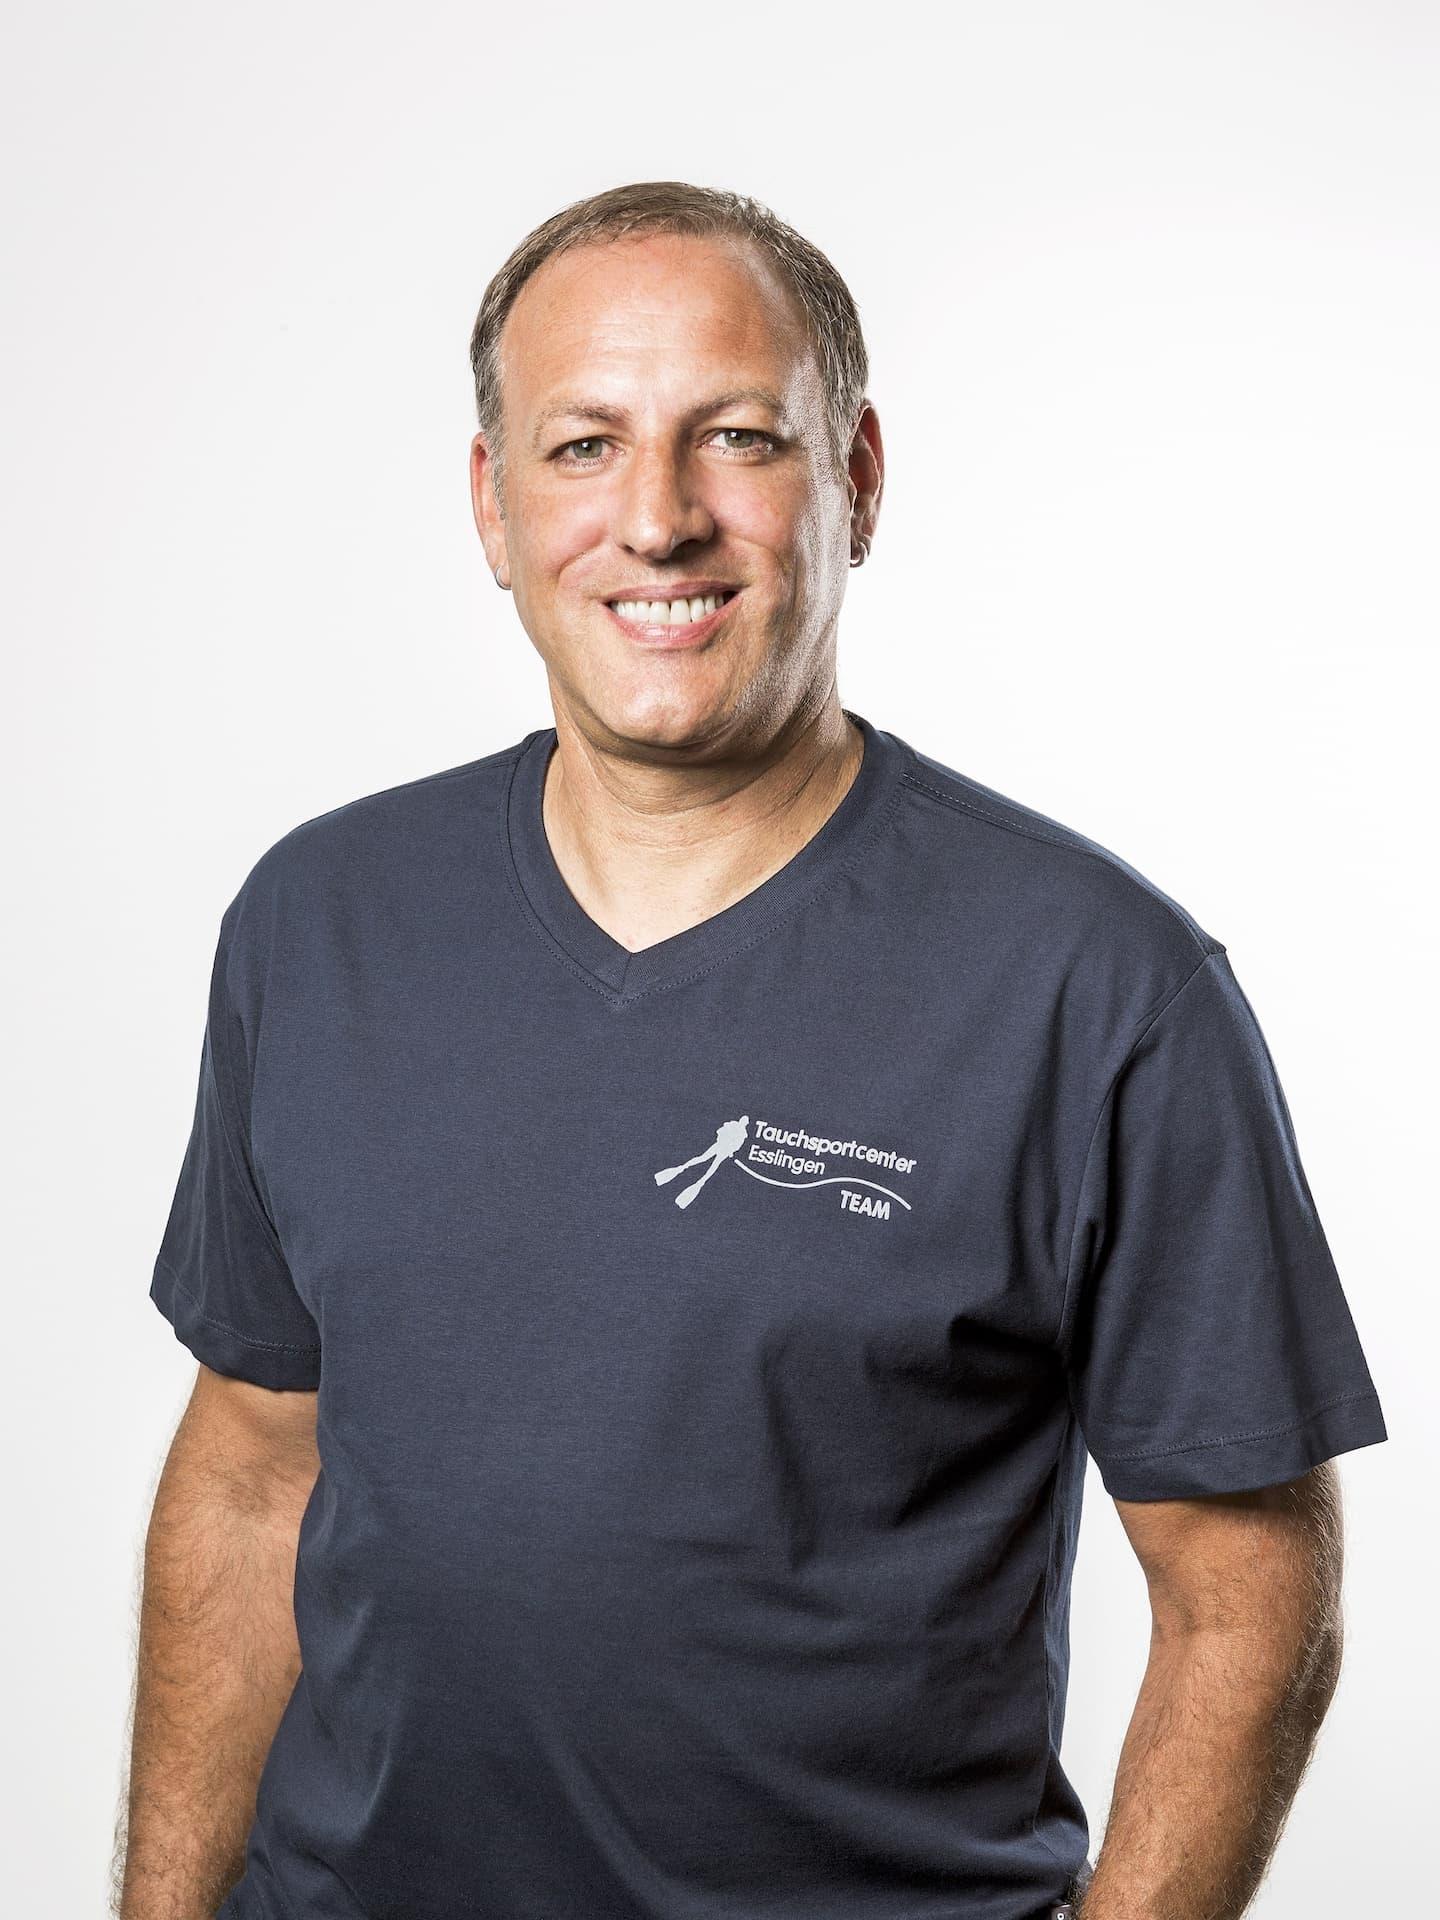 Daniel Cariati